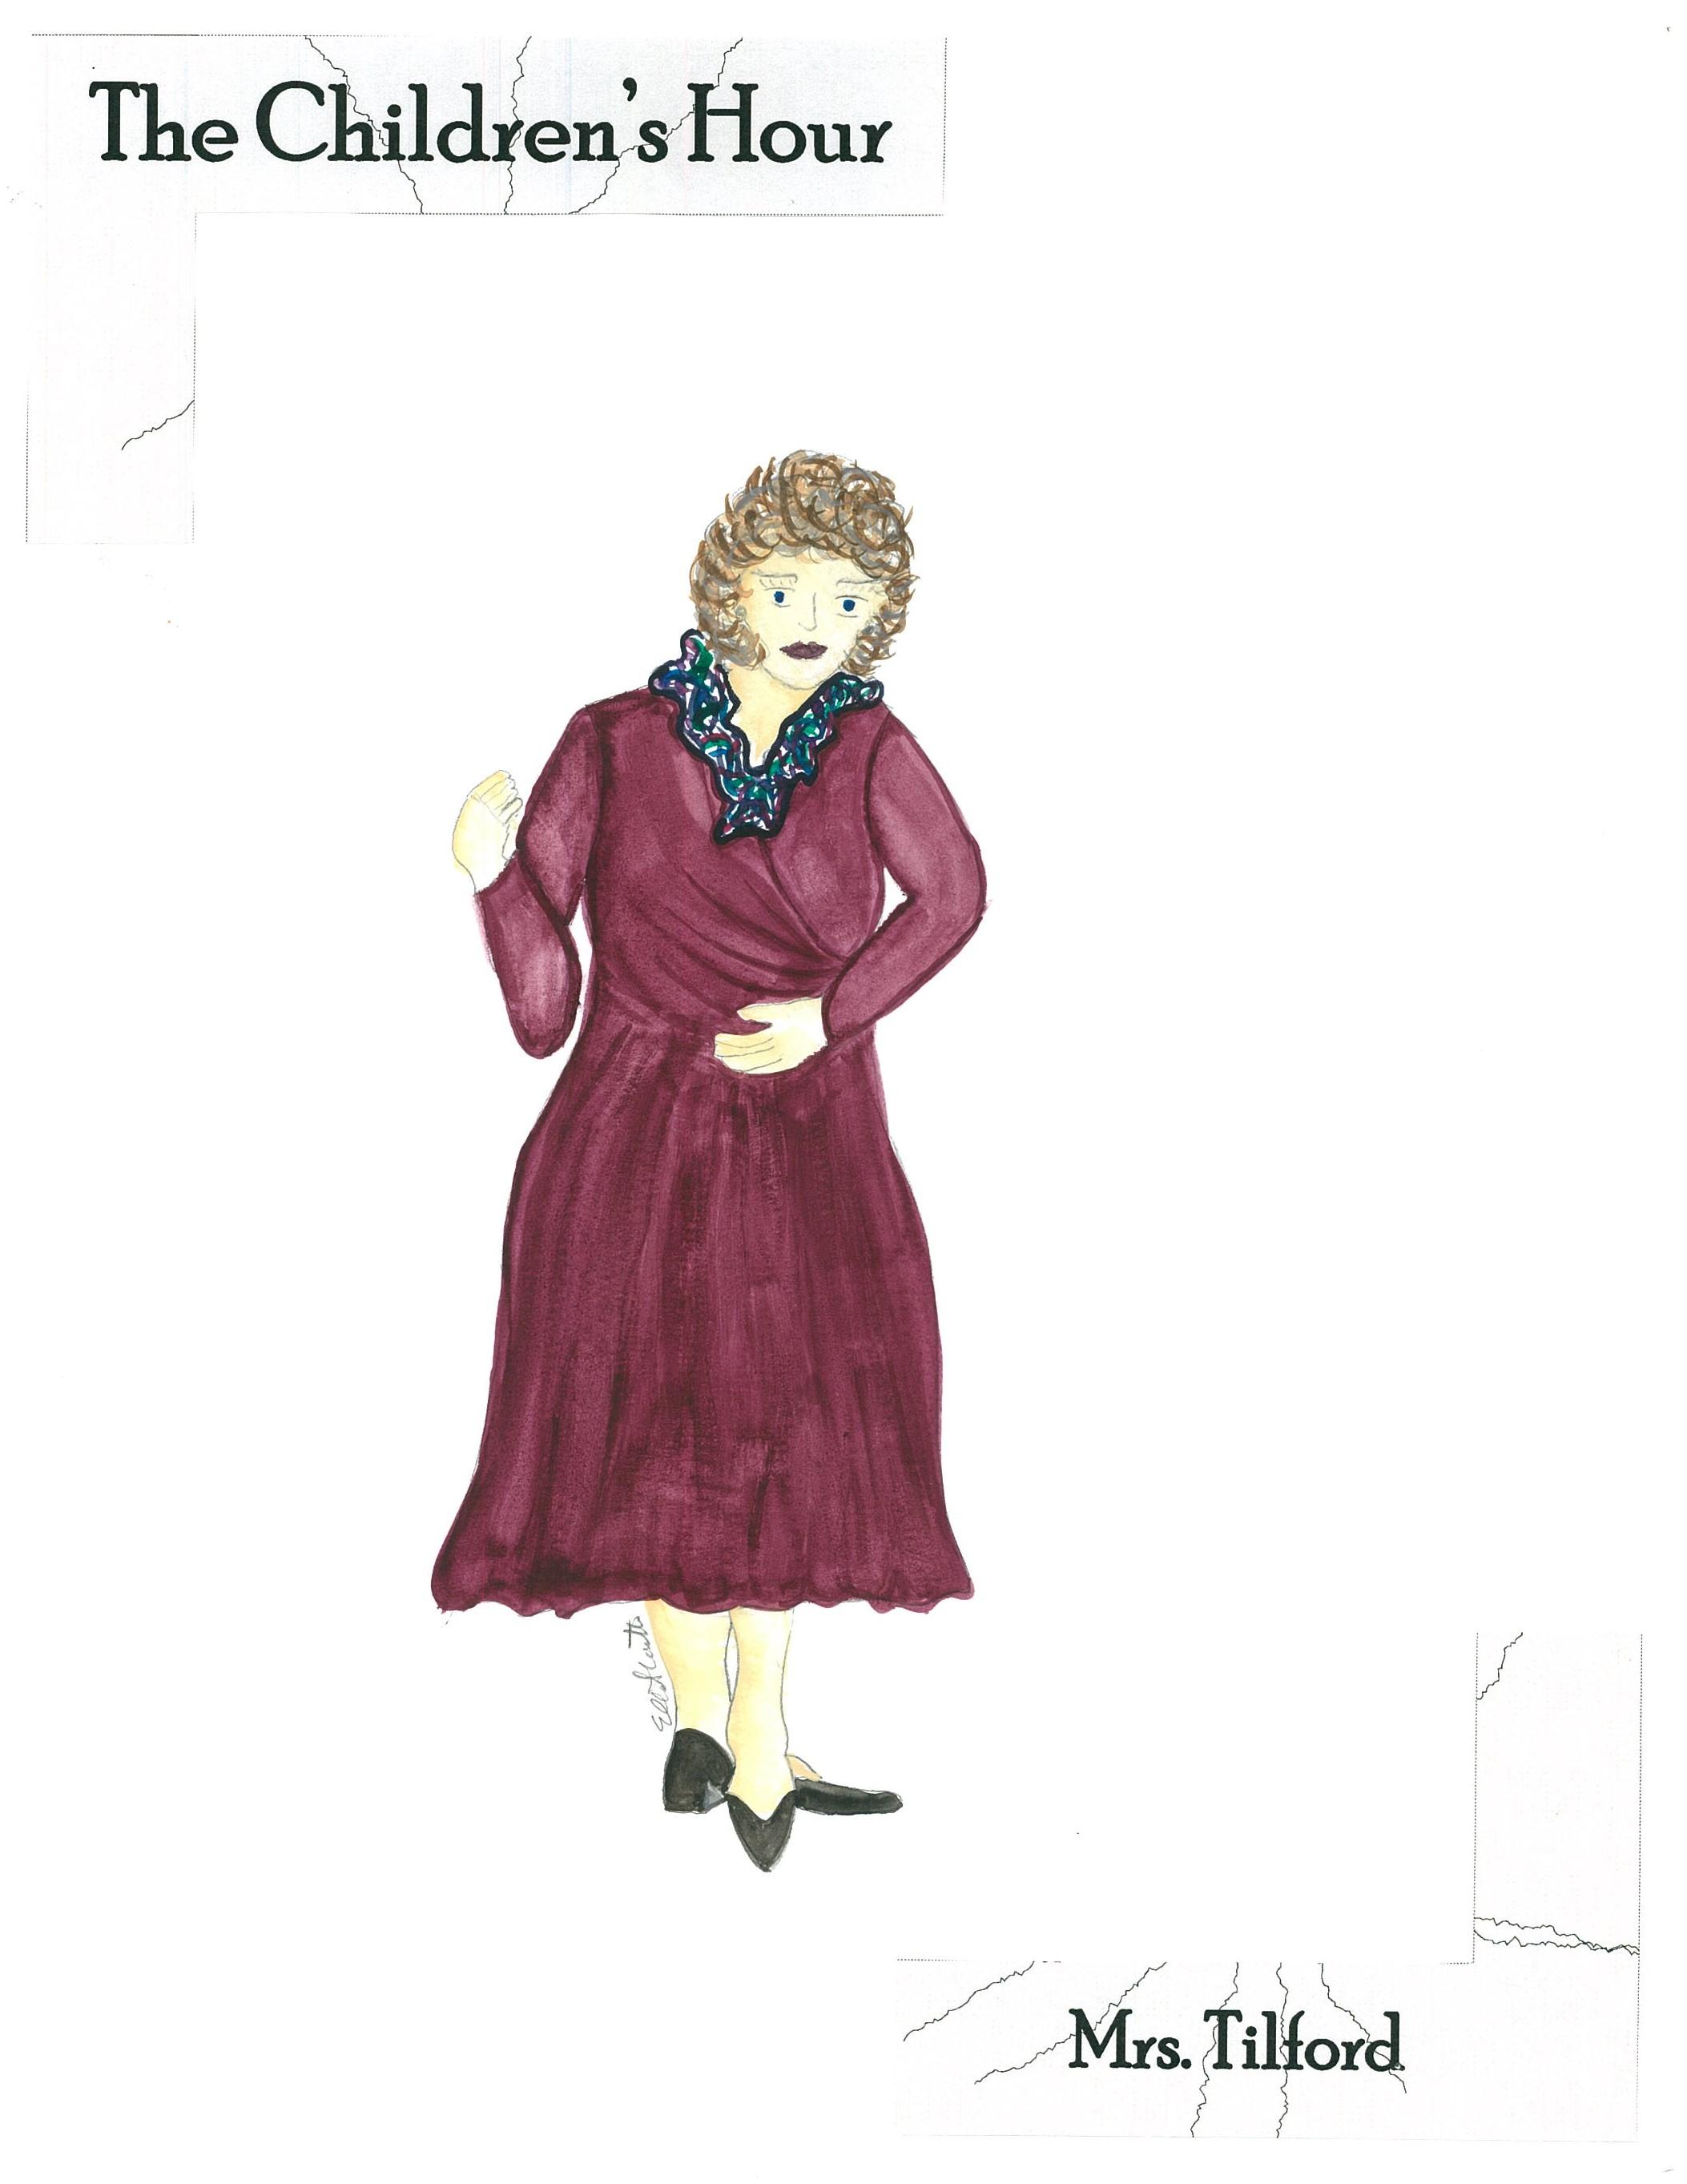 Children's Hour - Mrs. TIlford